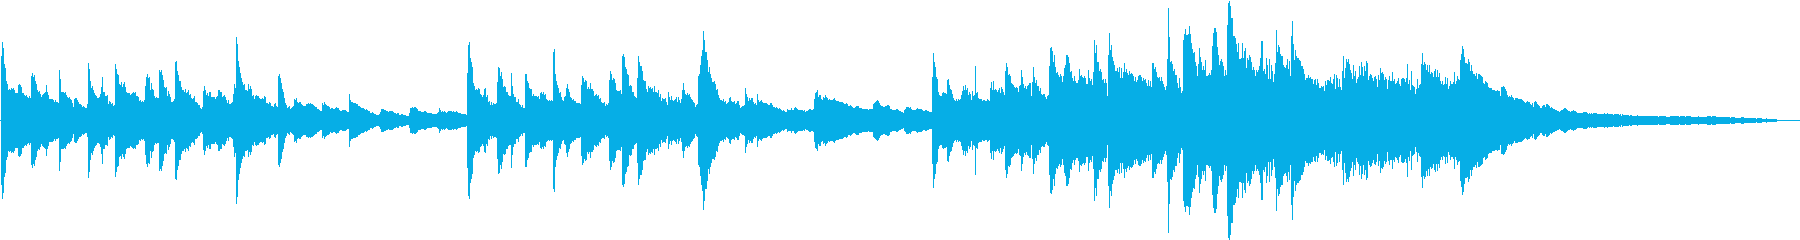 柔らかいロマンチックなソロピアノの再生済みの波形